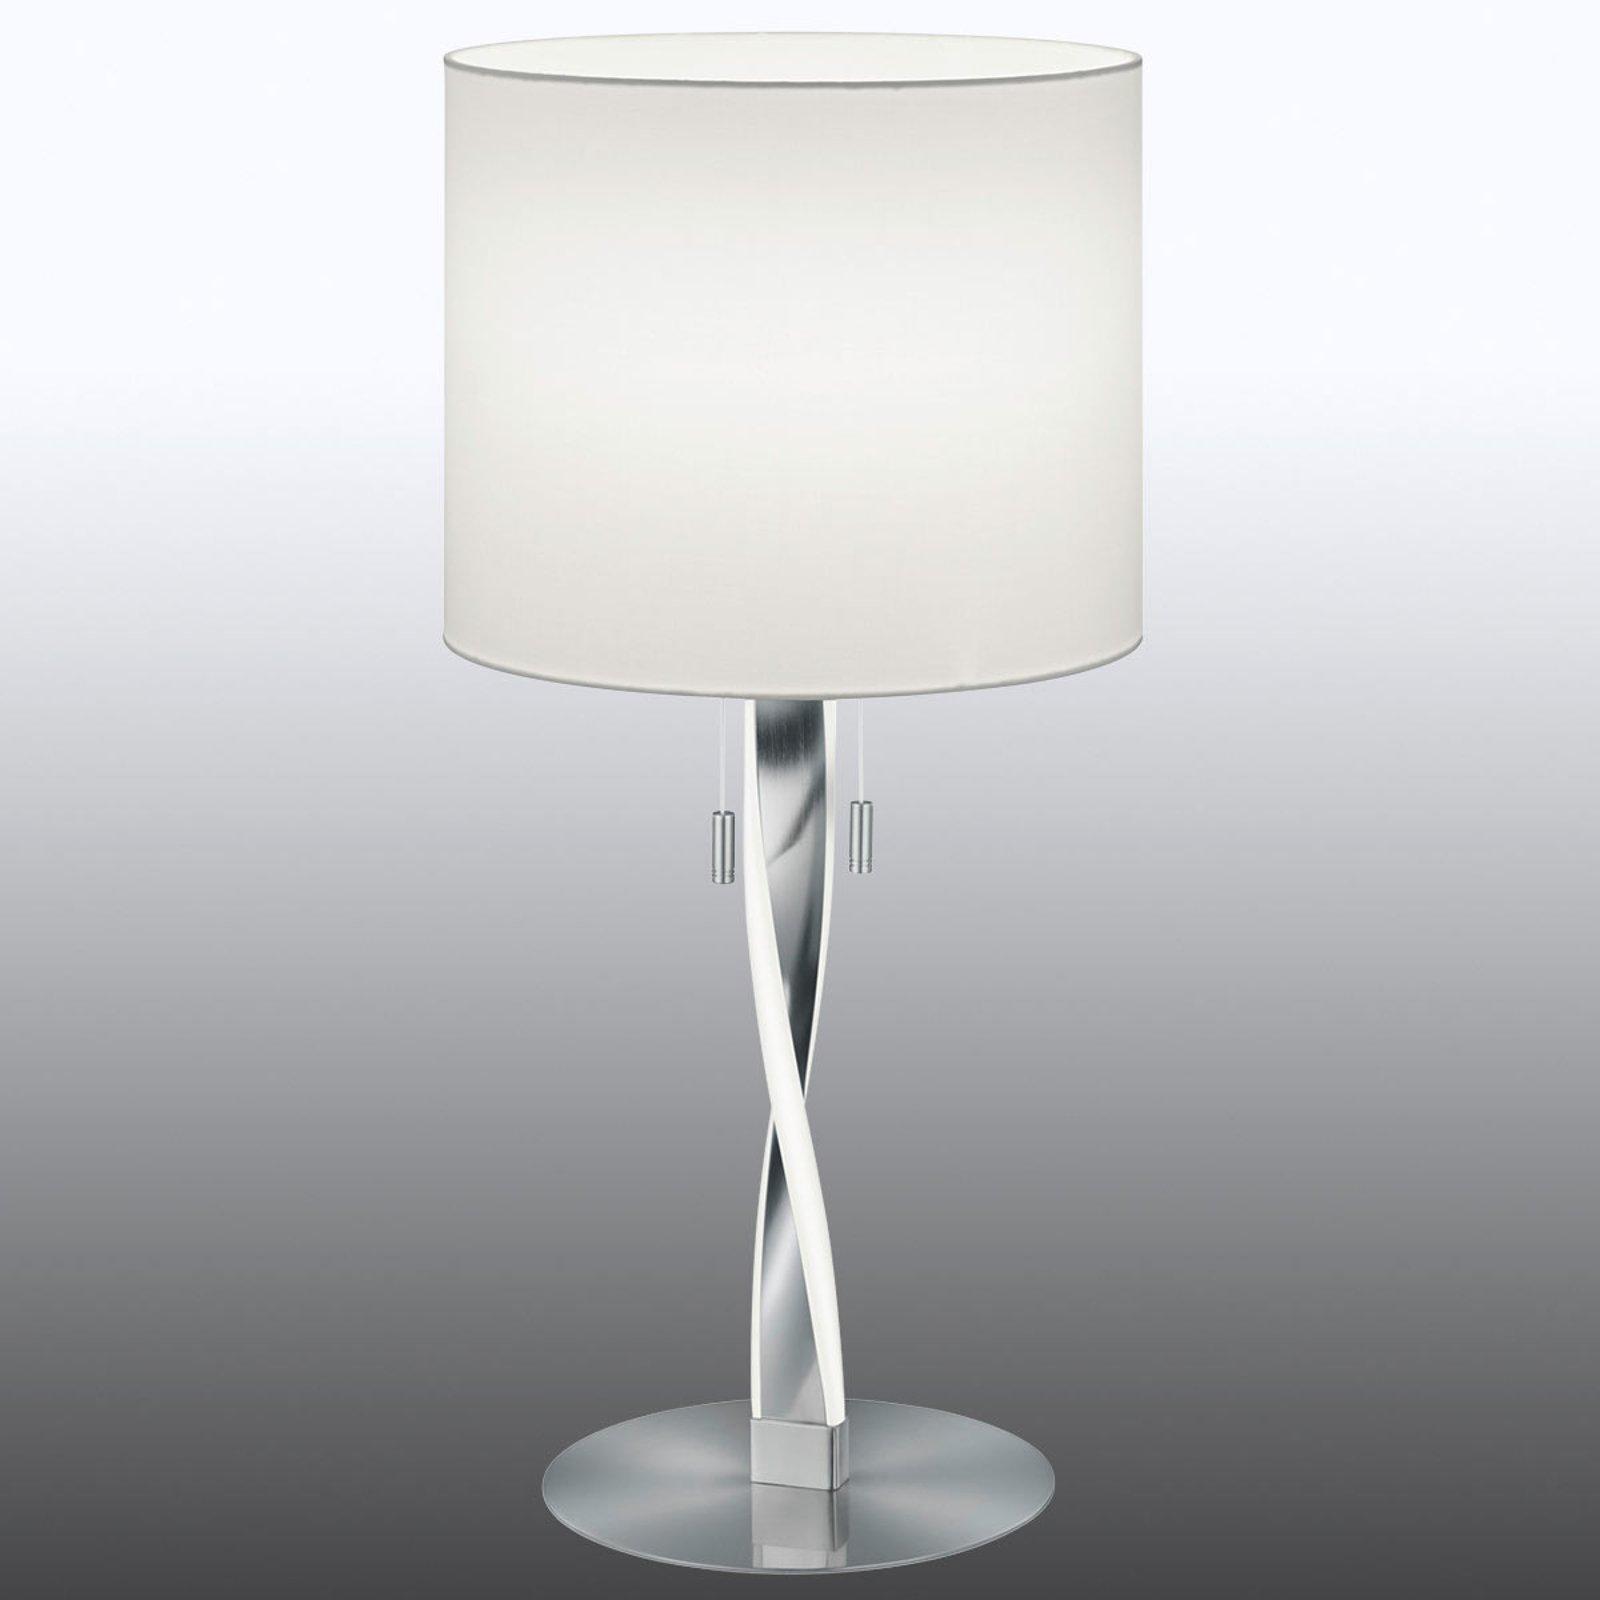 Toppmoderne Nandor-bordlampe med ekstra LED